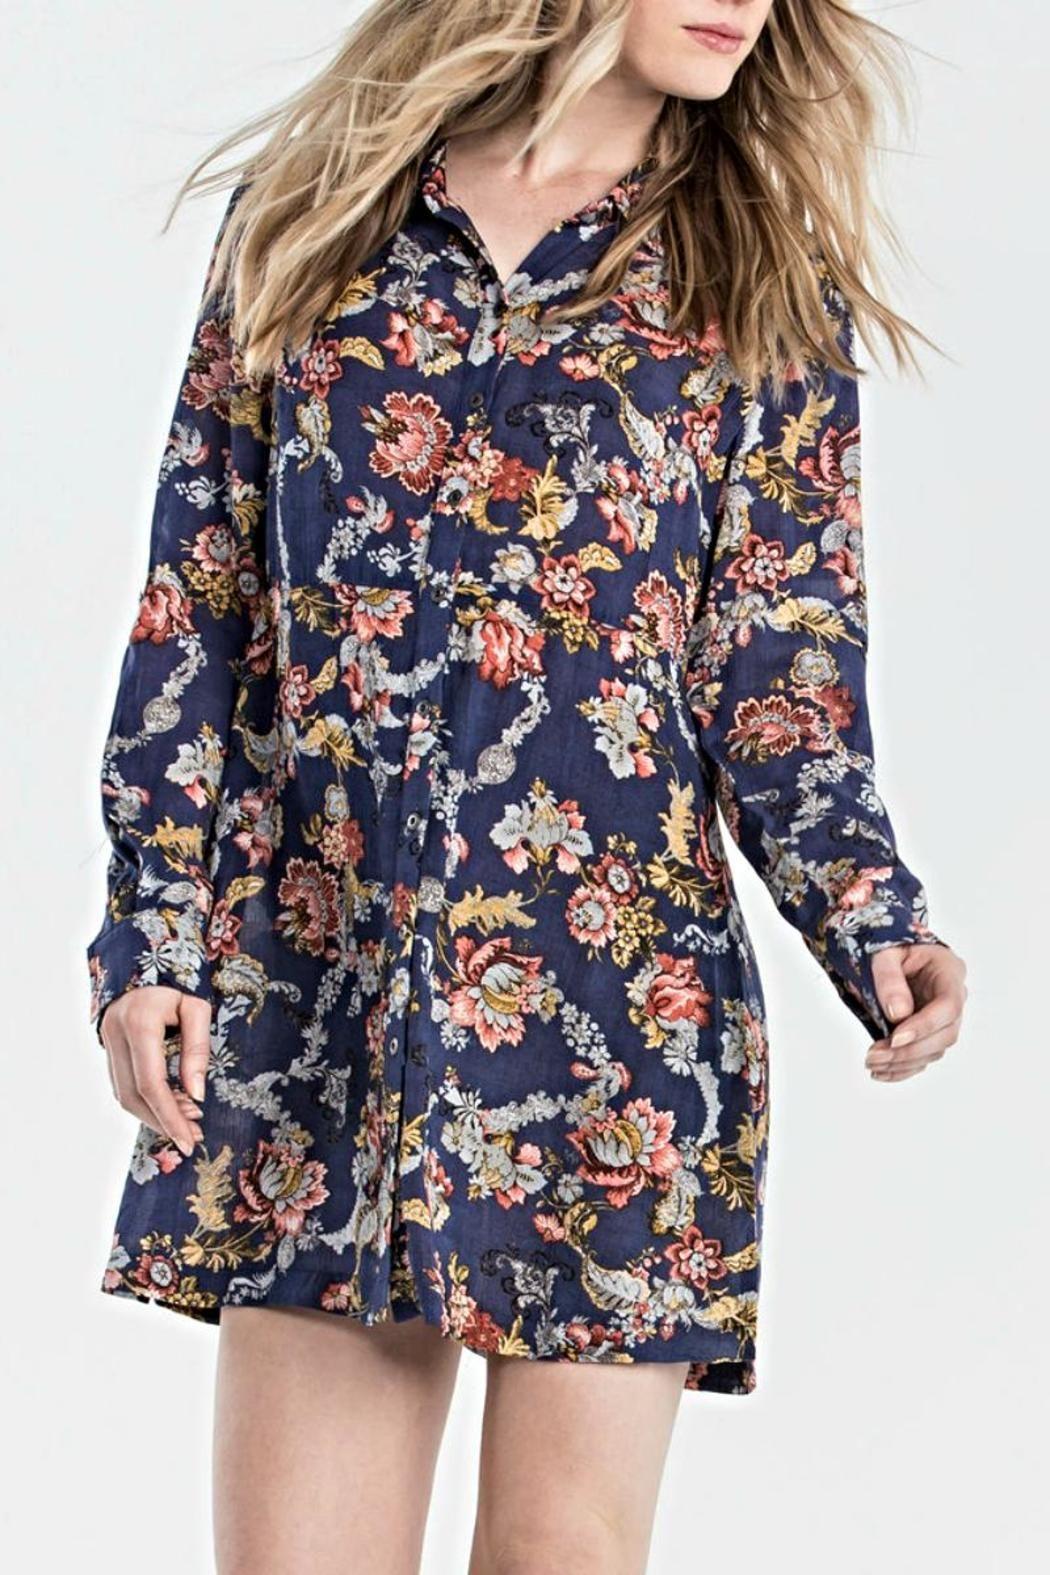 Miss Me Floral Shirt Dress Floral Shirt Dress Shirt Dress Dresses